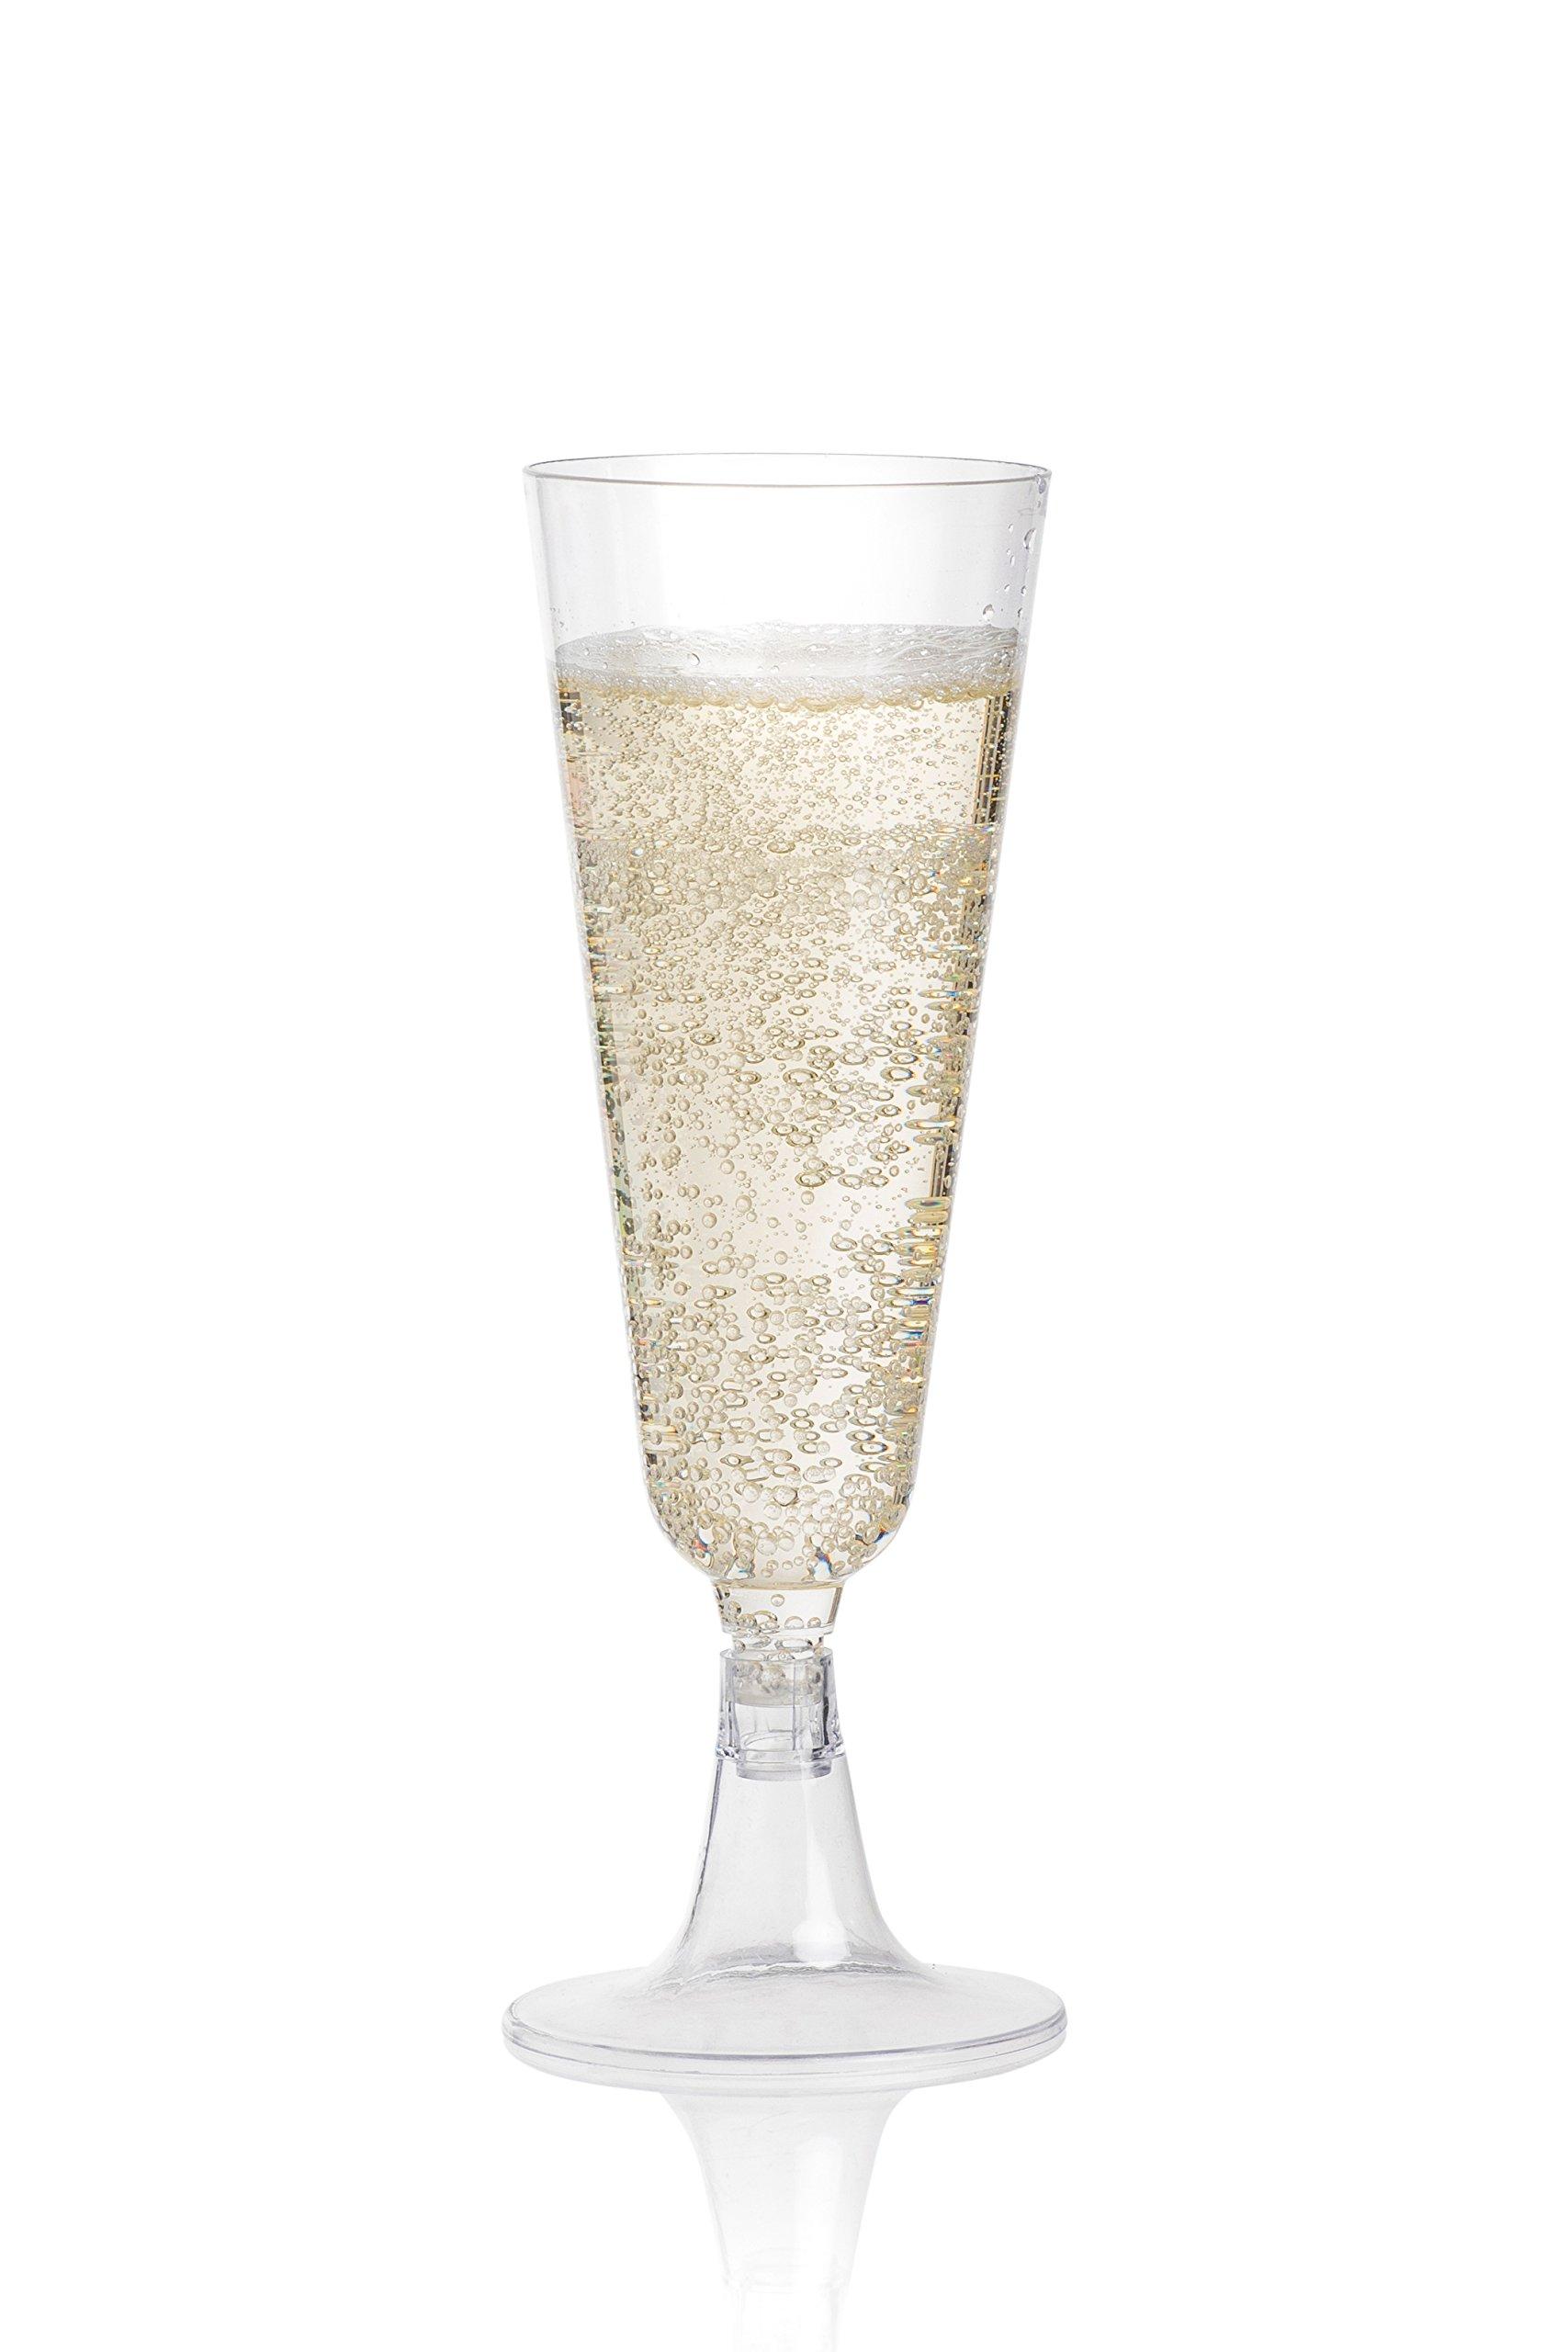 martinelli sparkling apple cider 25 4 oz bottles 4 pk grocery gourmet food. Black Bedroom Furniture Sets. Home Design Ideas